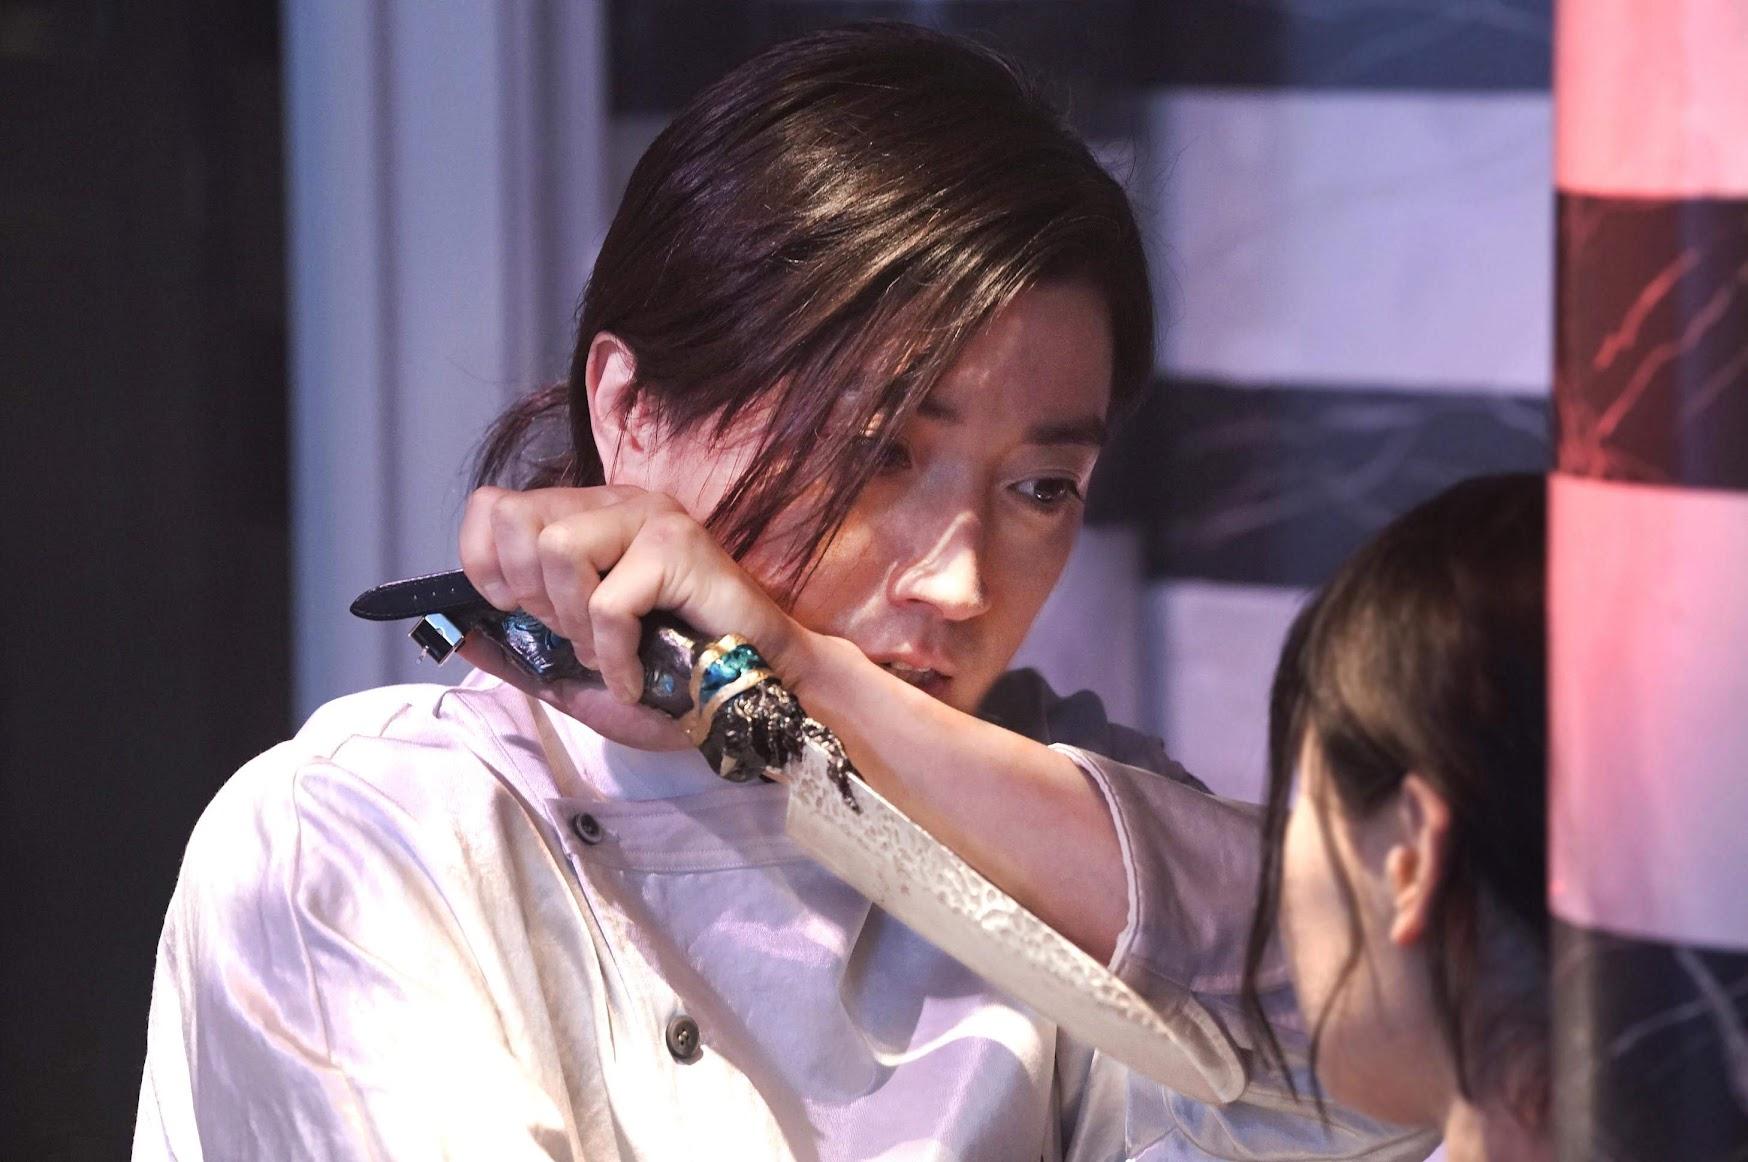 [迷迷影劇] 蜷川實花 攜新作「 殺手餐廳 」來台會粉絲